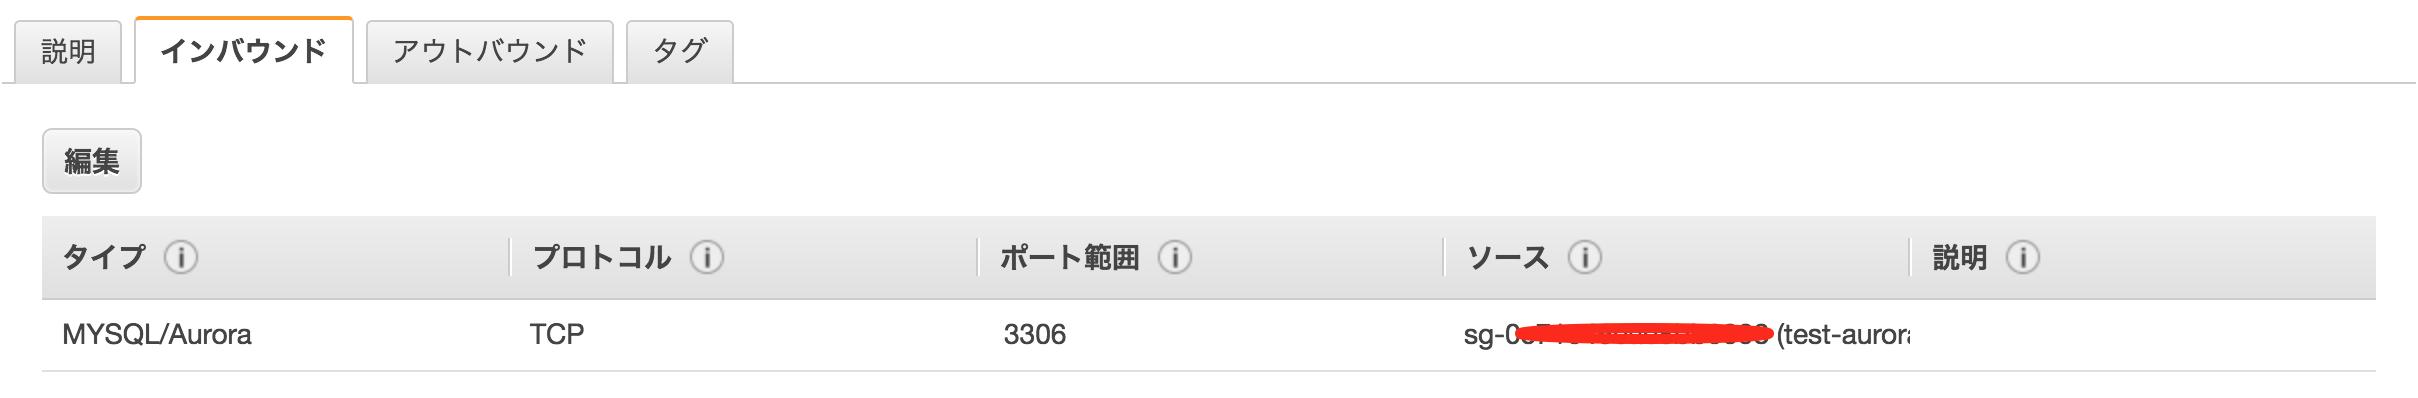 スクリーンショット 2019-04-07 20.00.25.png